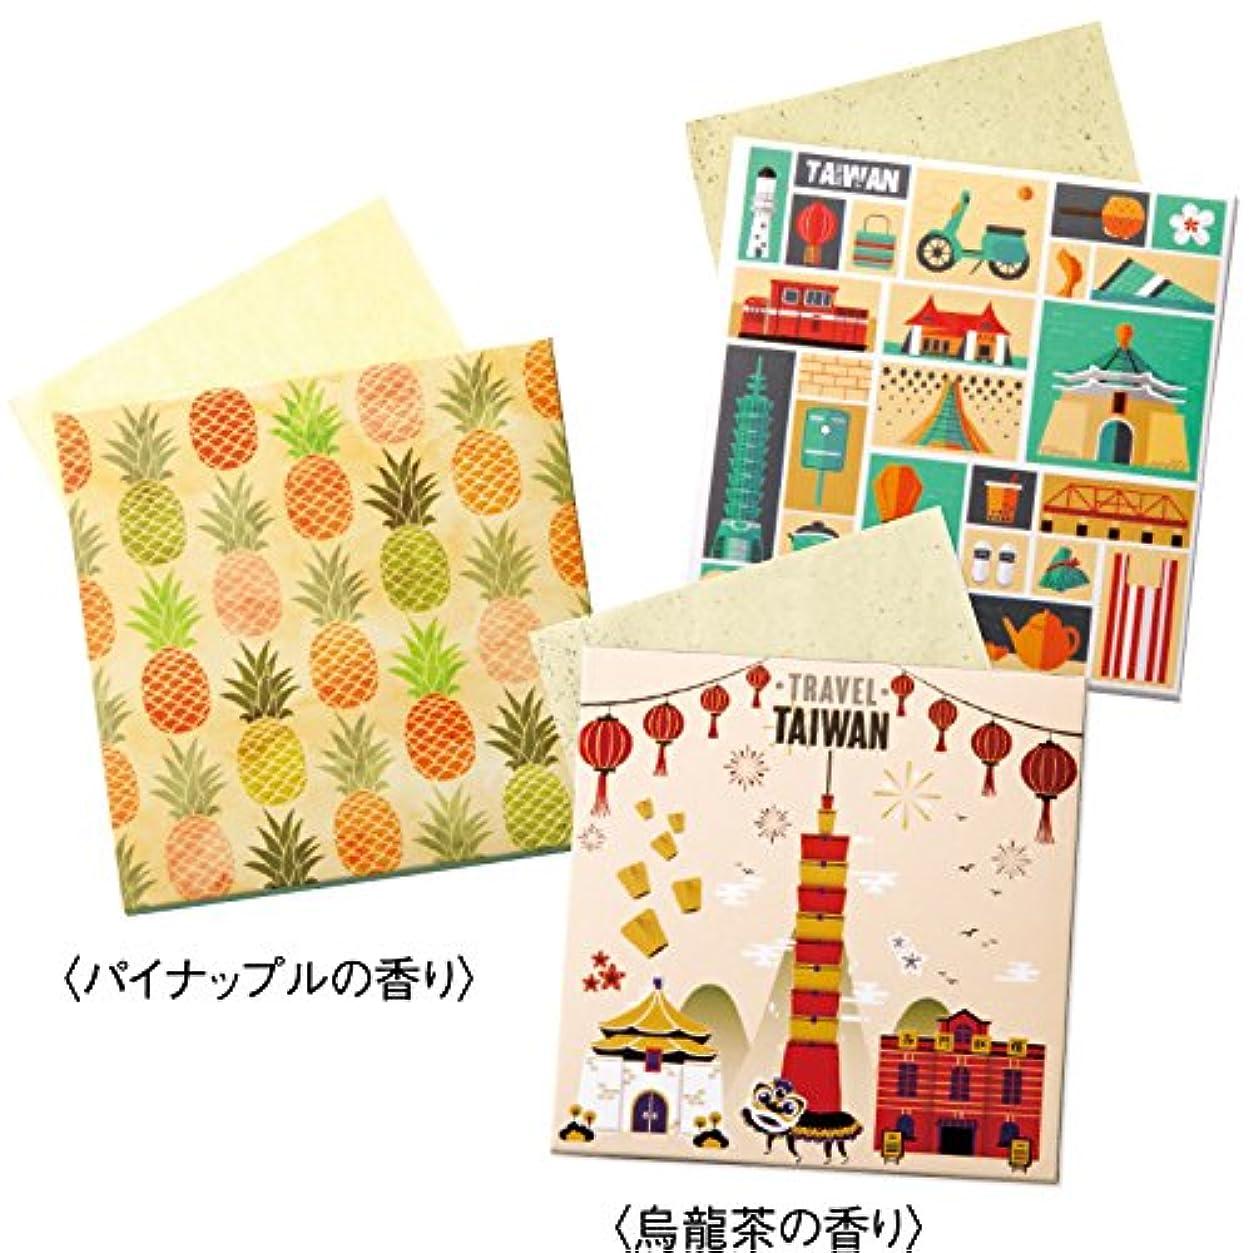 ベッドを作るレイプ契約する台湾 土産 台湾 あぶらとり紙 3コセット (海外旅行 台湾 お土産)